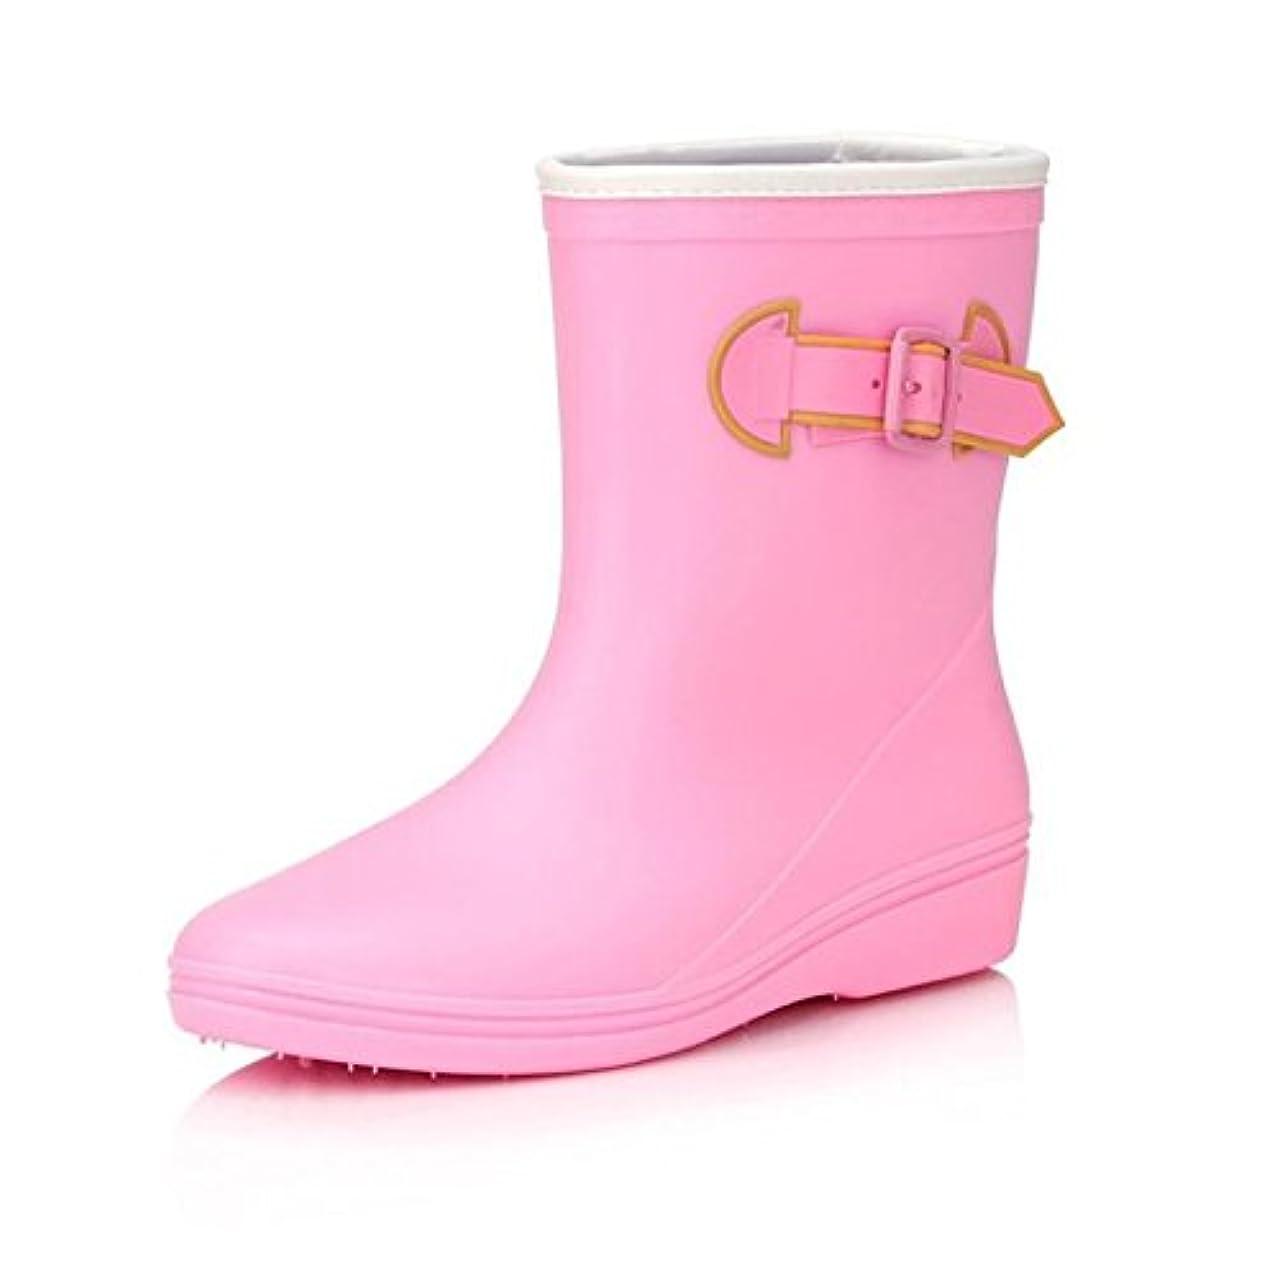 こんにちは仮装無駄だレインブーツ レディース 長靴 軽量 厚底 ロング長 滑り止め ピンク 24.5cm